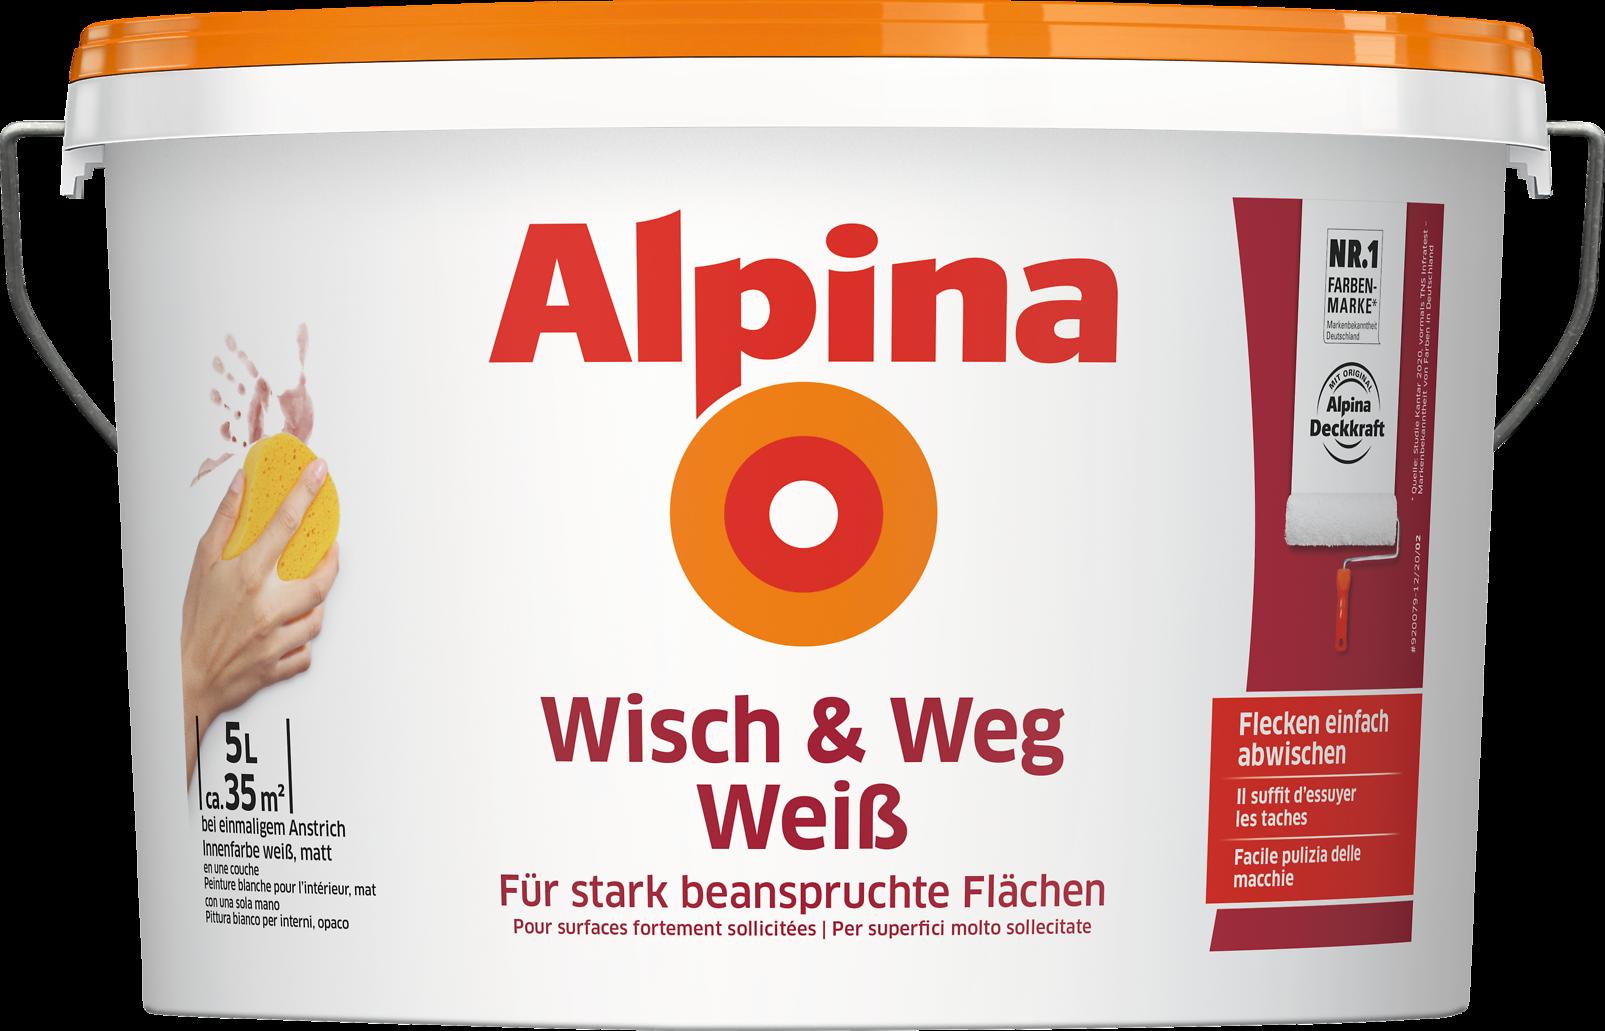 wandfarbe zum abwischen dispersionsfarbe alpina wisch weg wei alpina farben. Black Bedroom Furniture Sets. Home Design Ideas